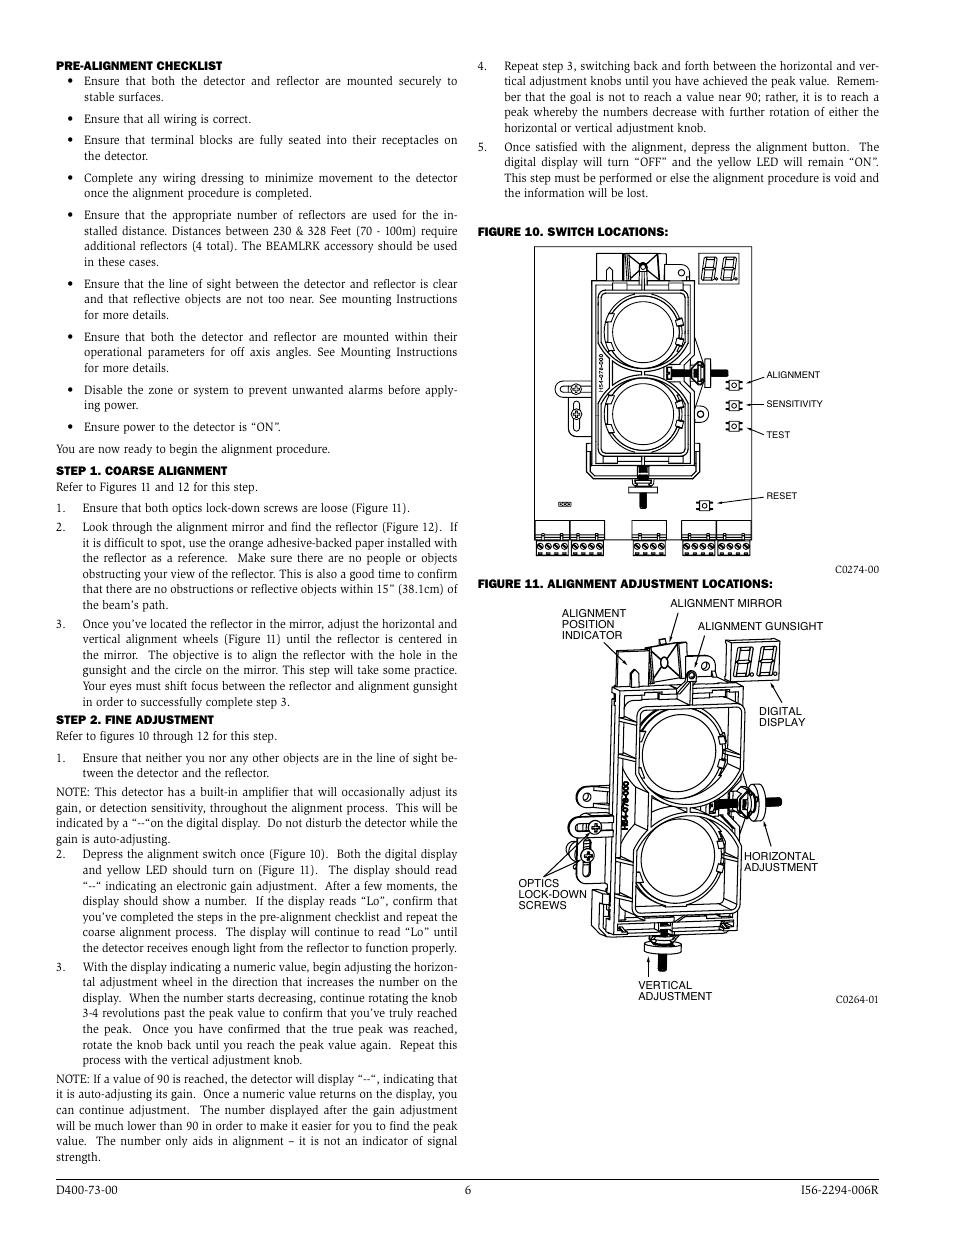 System Sensor Beam1224  Beam1224s User Manual